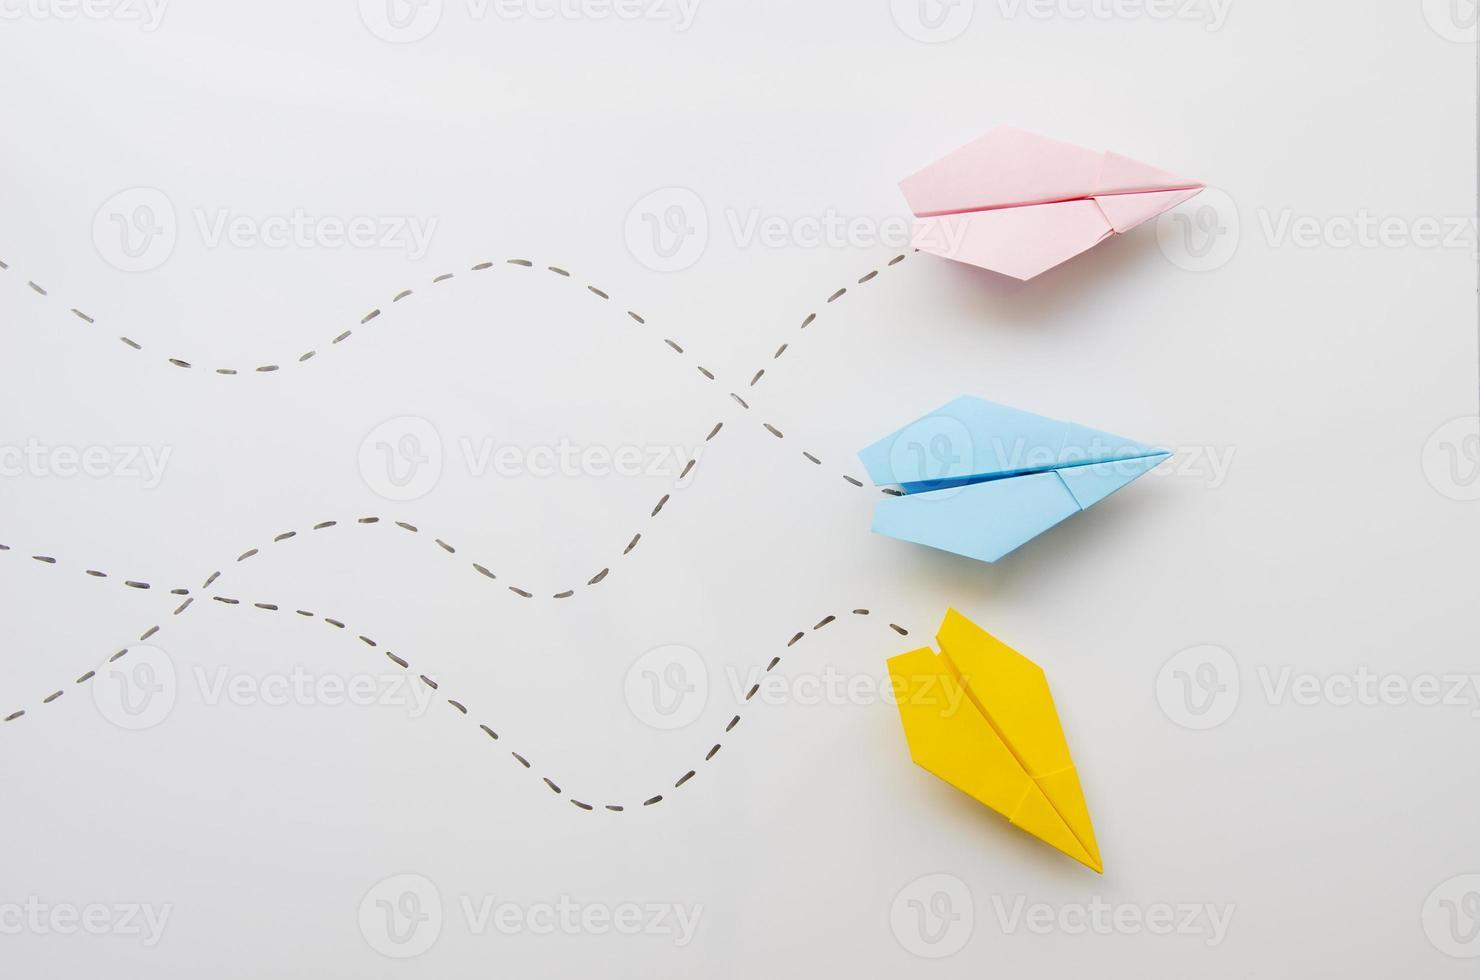 söta minimalistiska pappersplan, ovanifrån foto